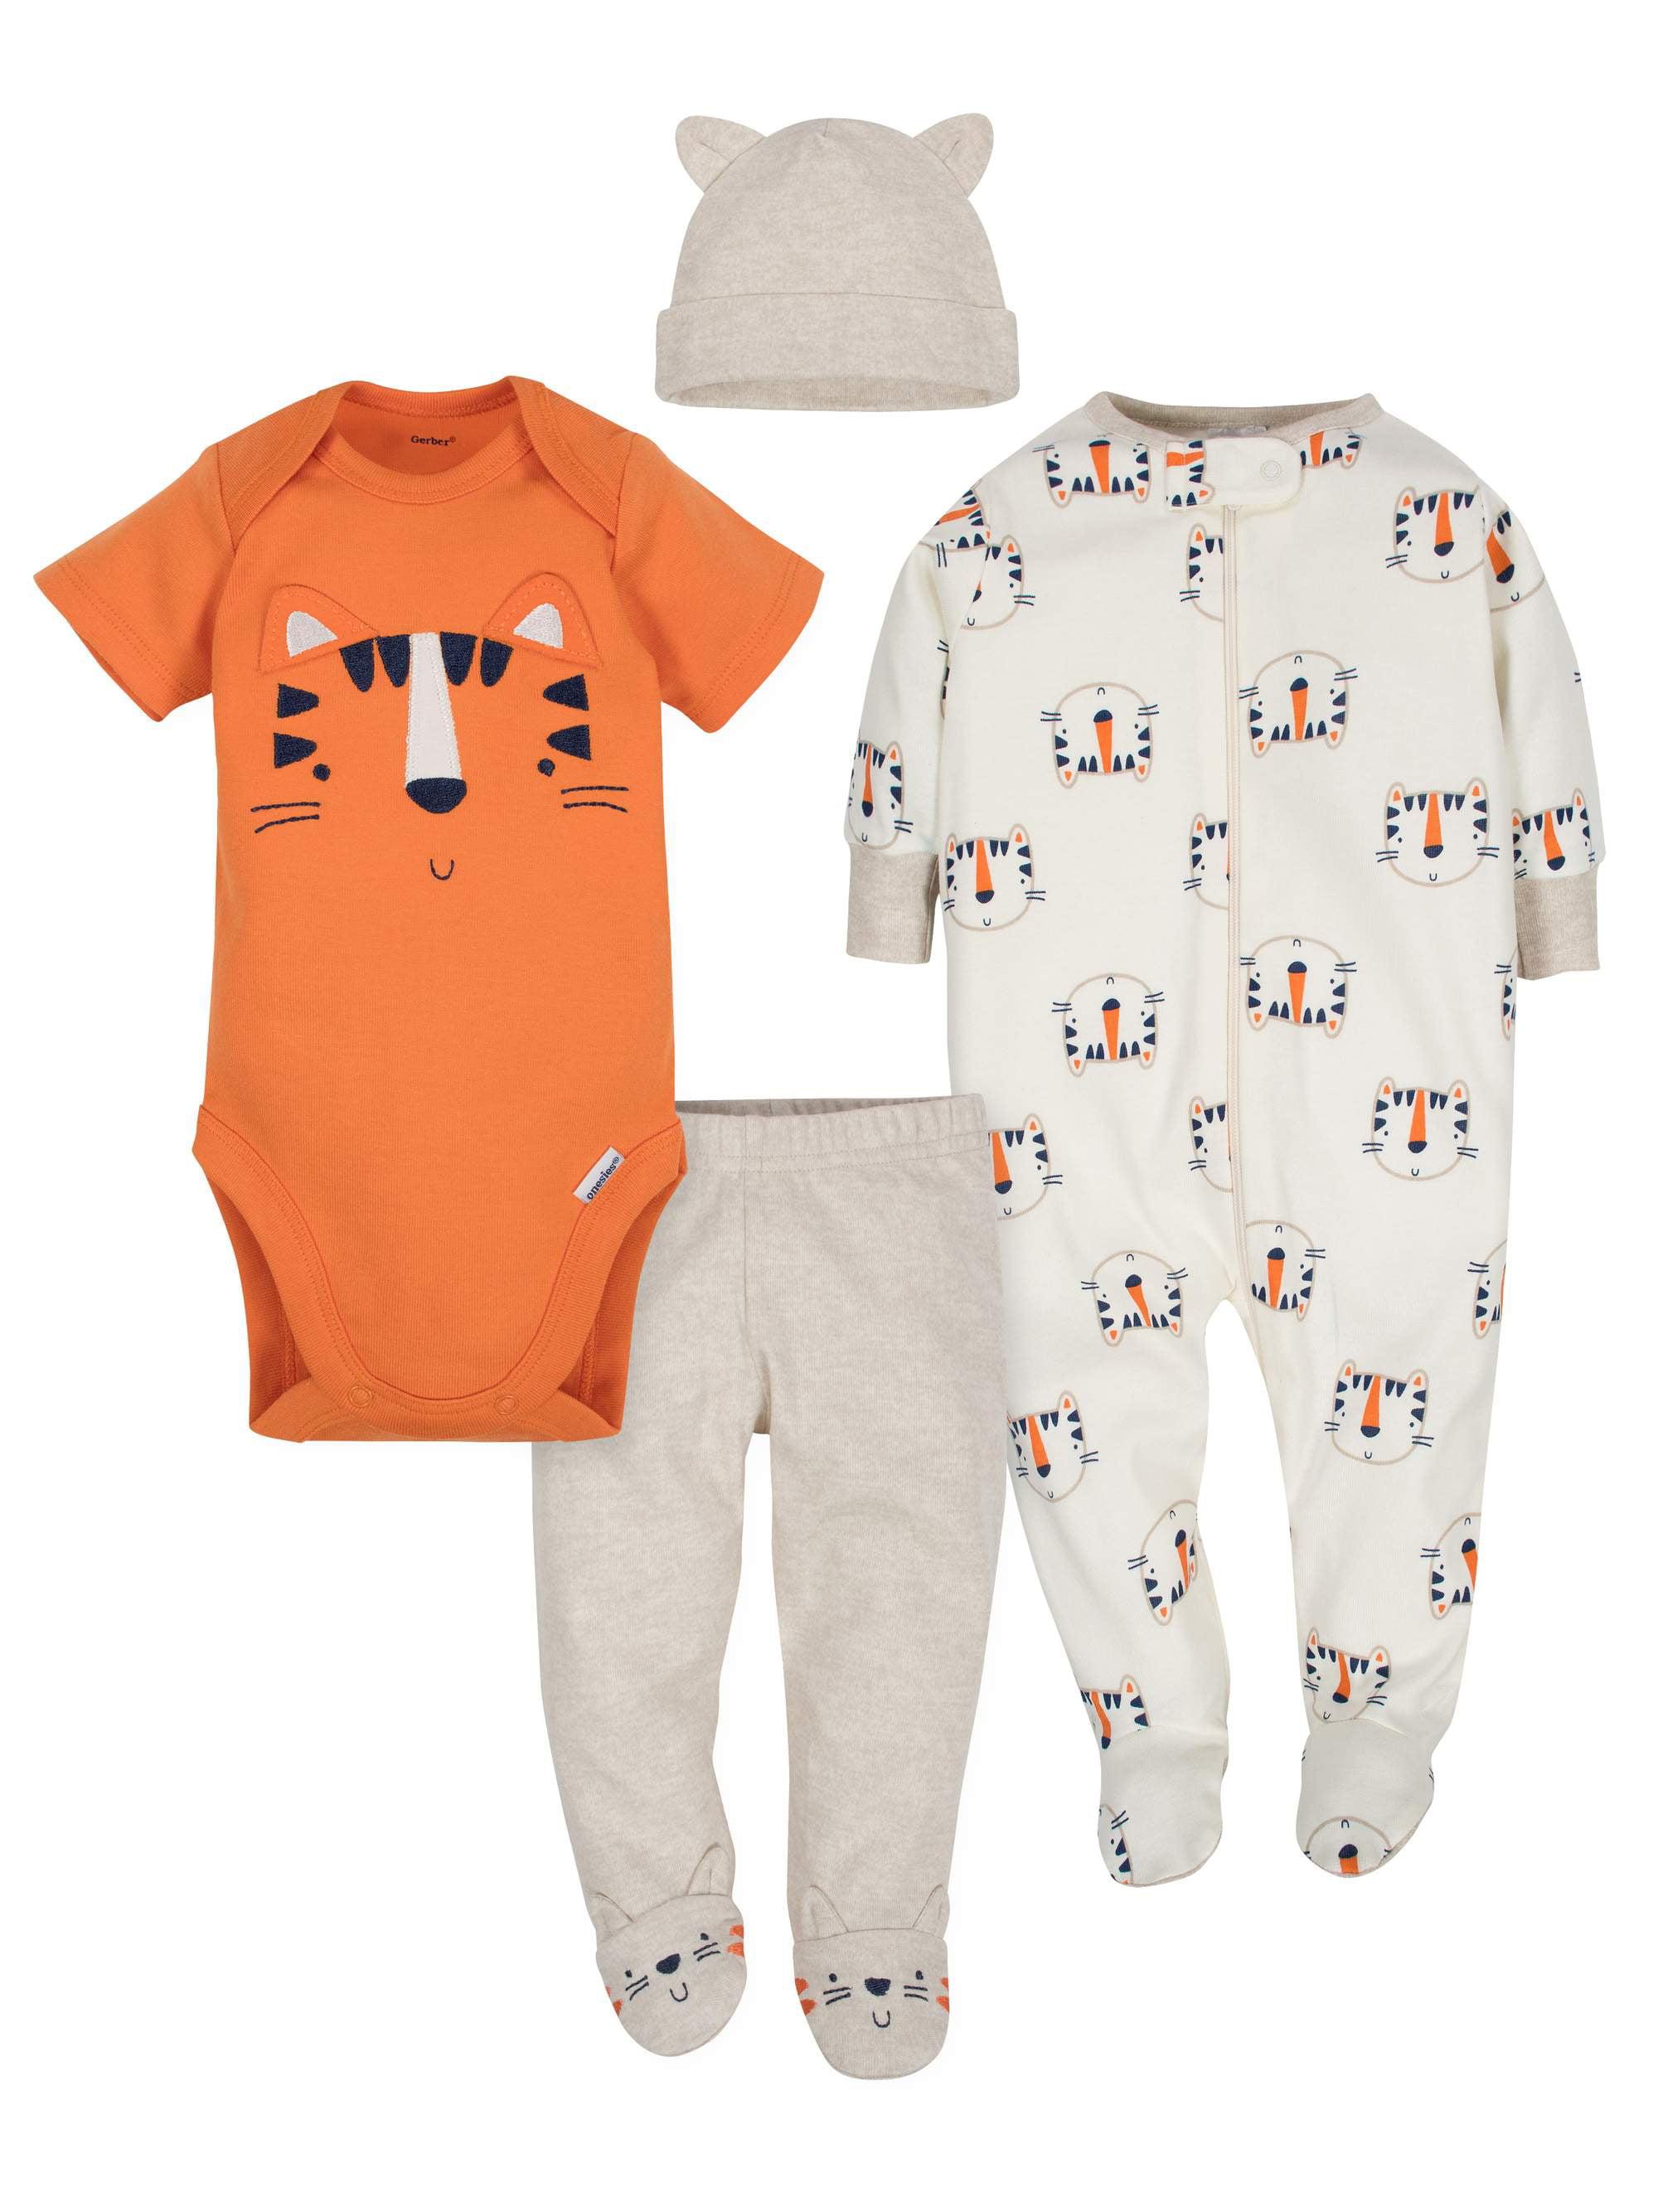 Take Me Home Outfit Set, 4pc (Baby Boy)